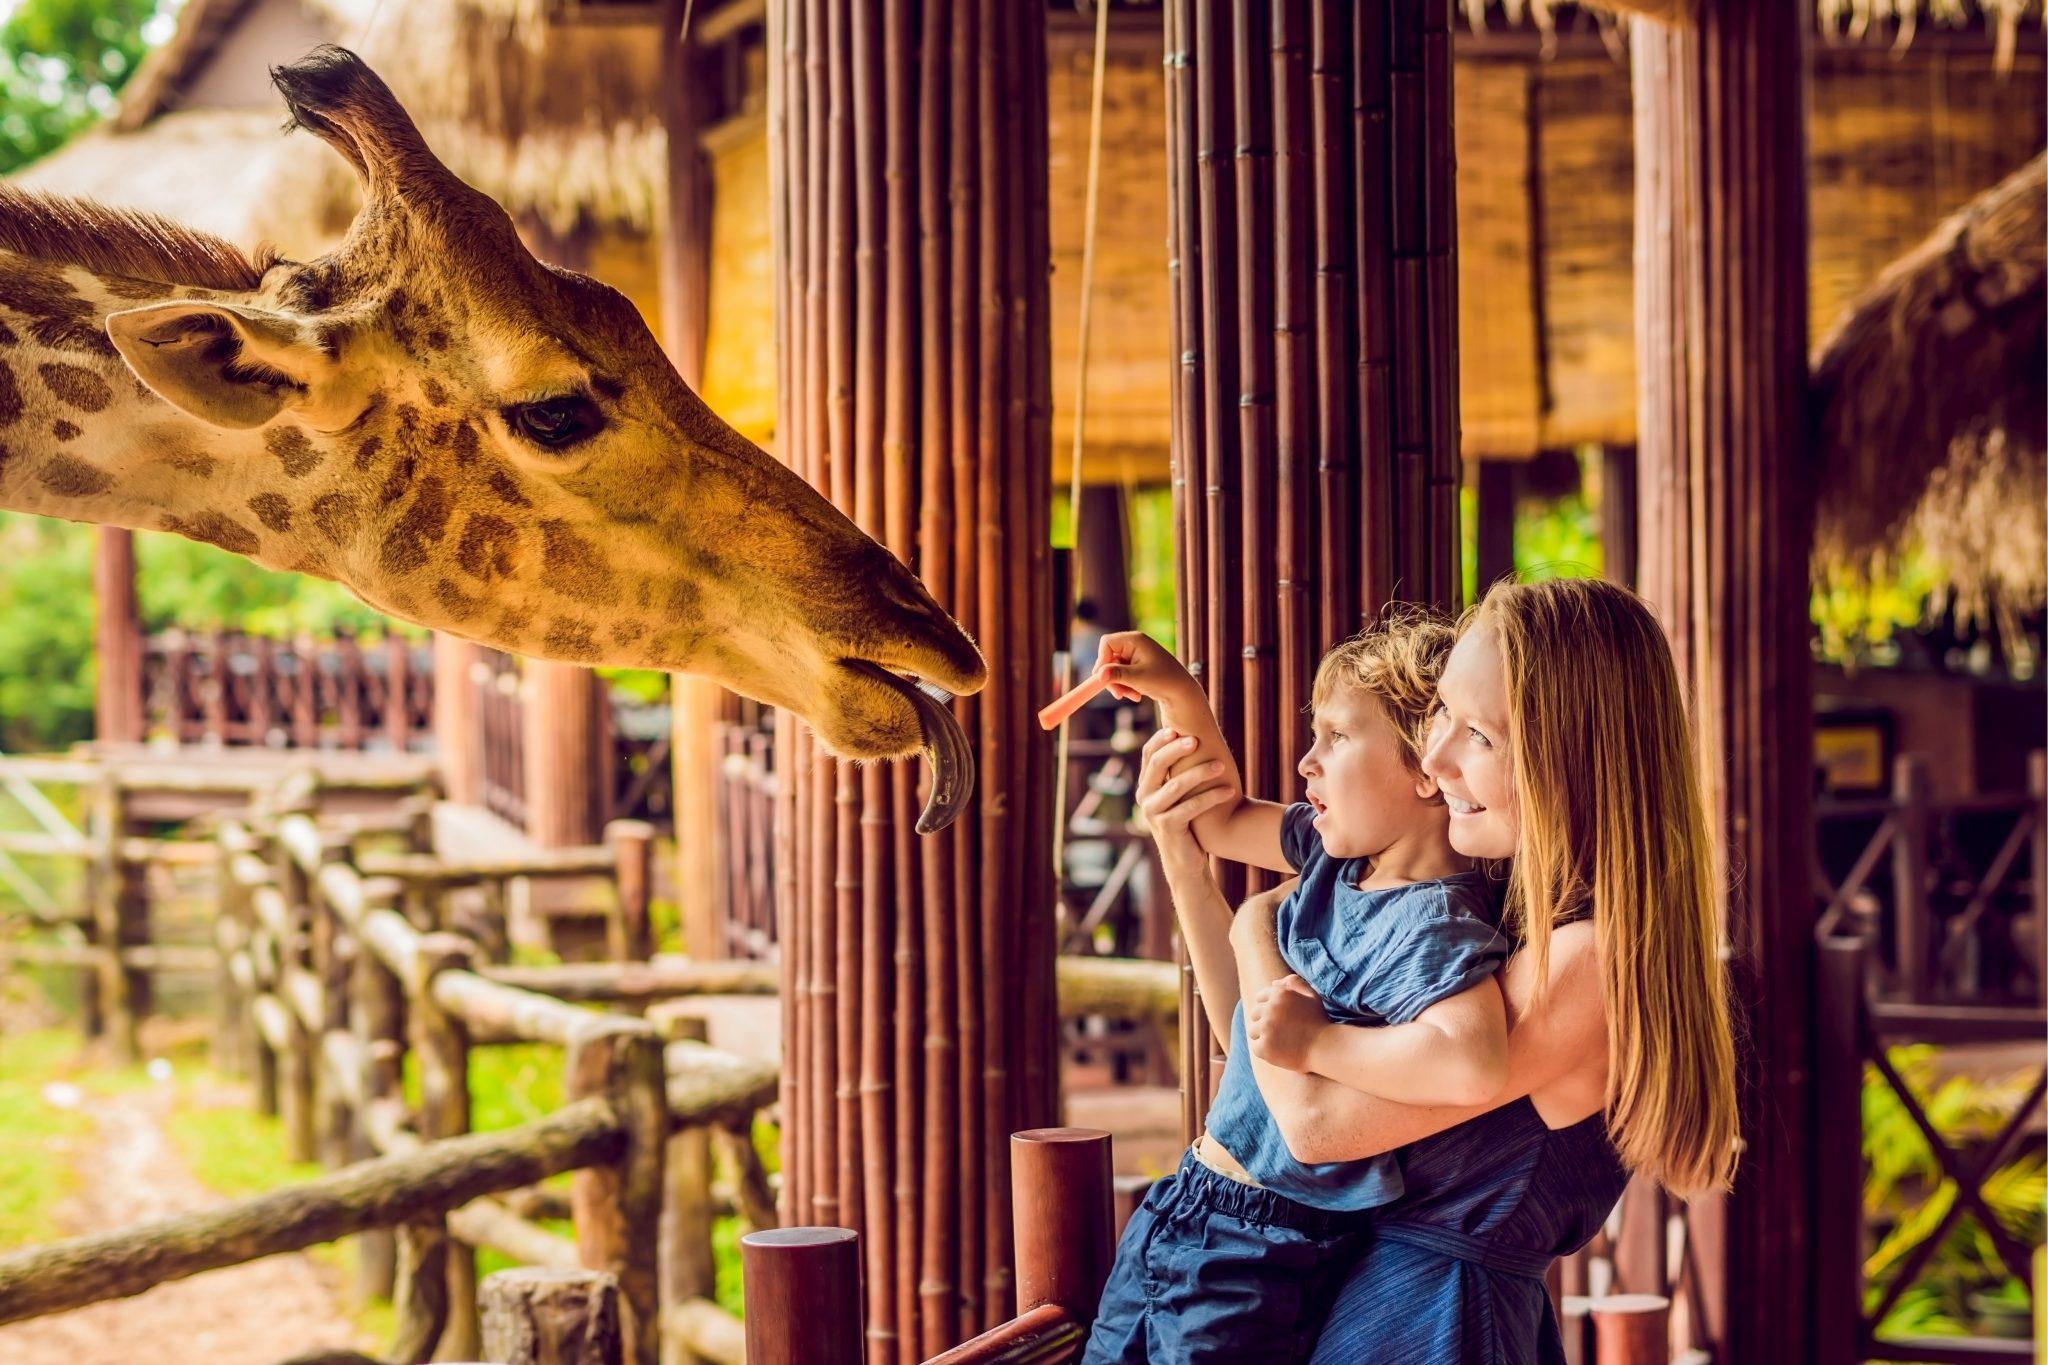 動物園でお母さんに抱っこされた男の子がキリンに餌をあげている